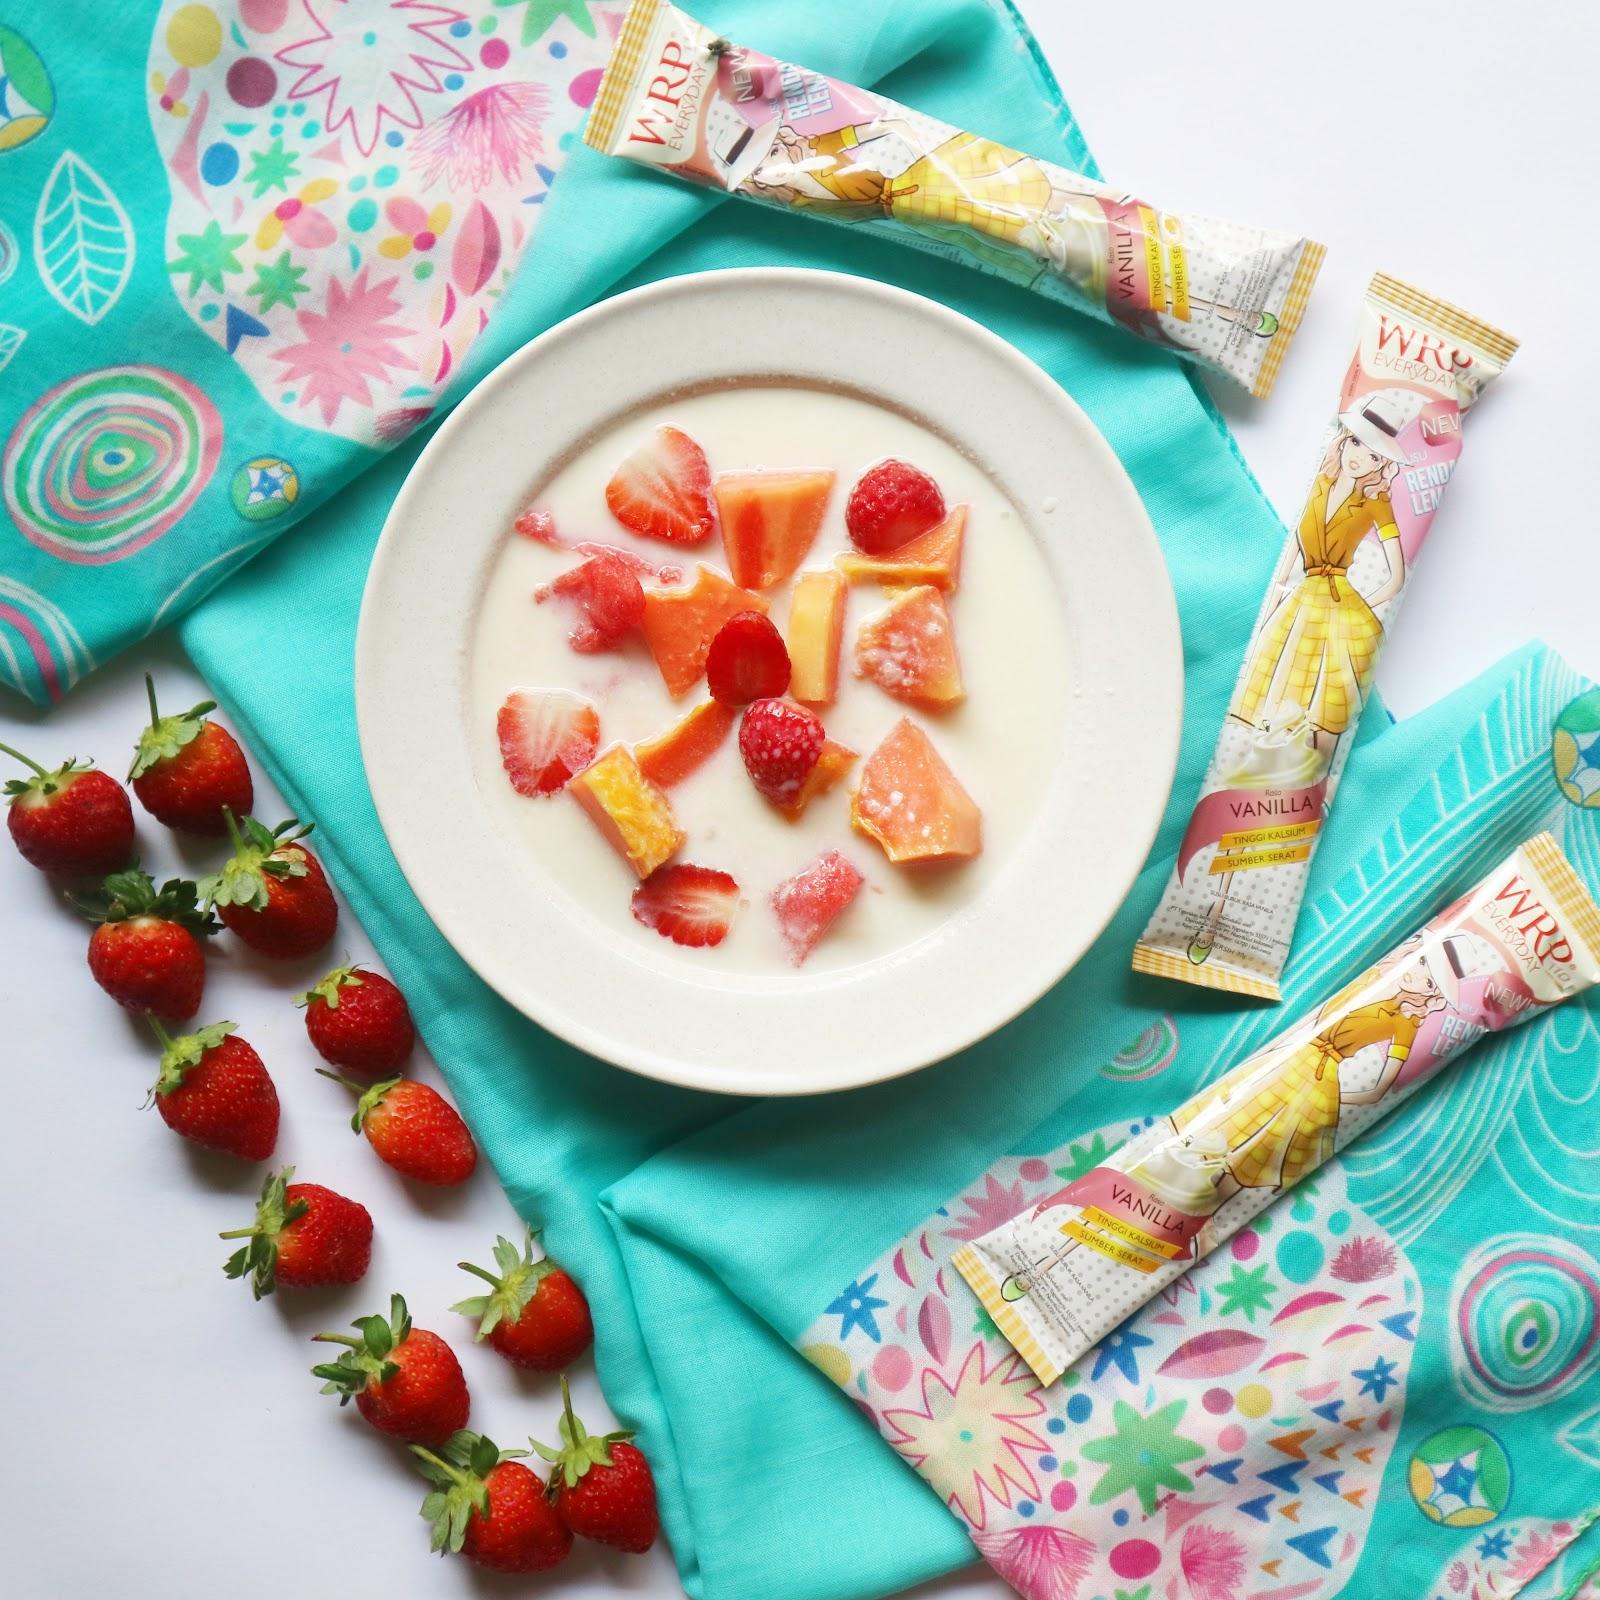 Daftar Harga Susu WRP On The Go Diet Promo Murah Terbaru 2019